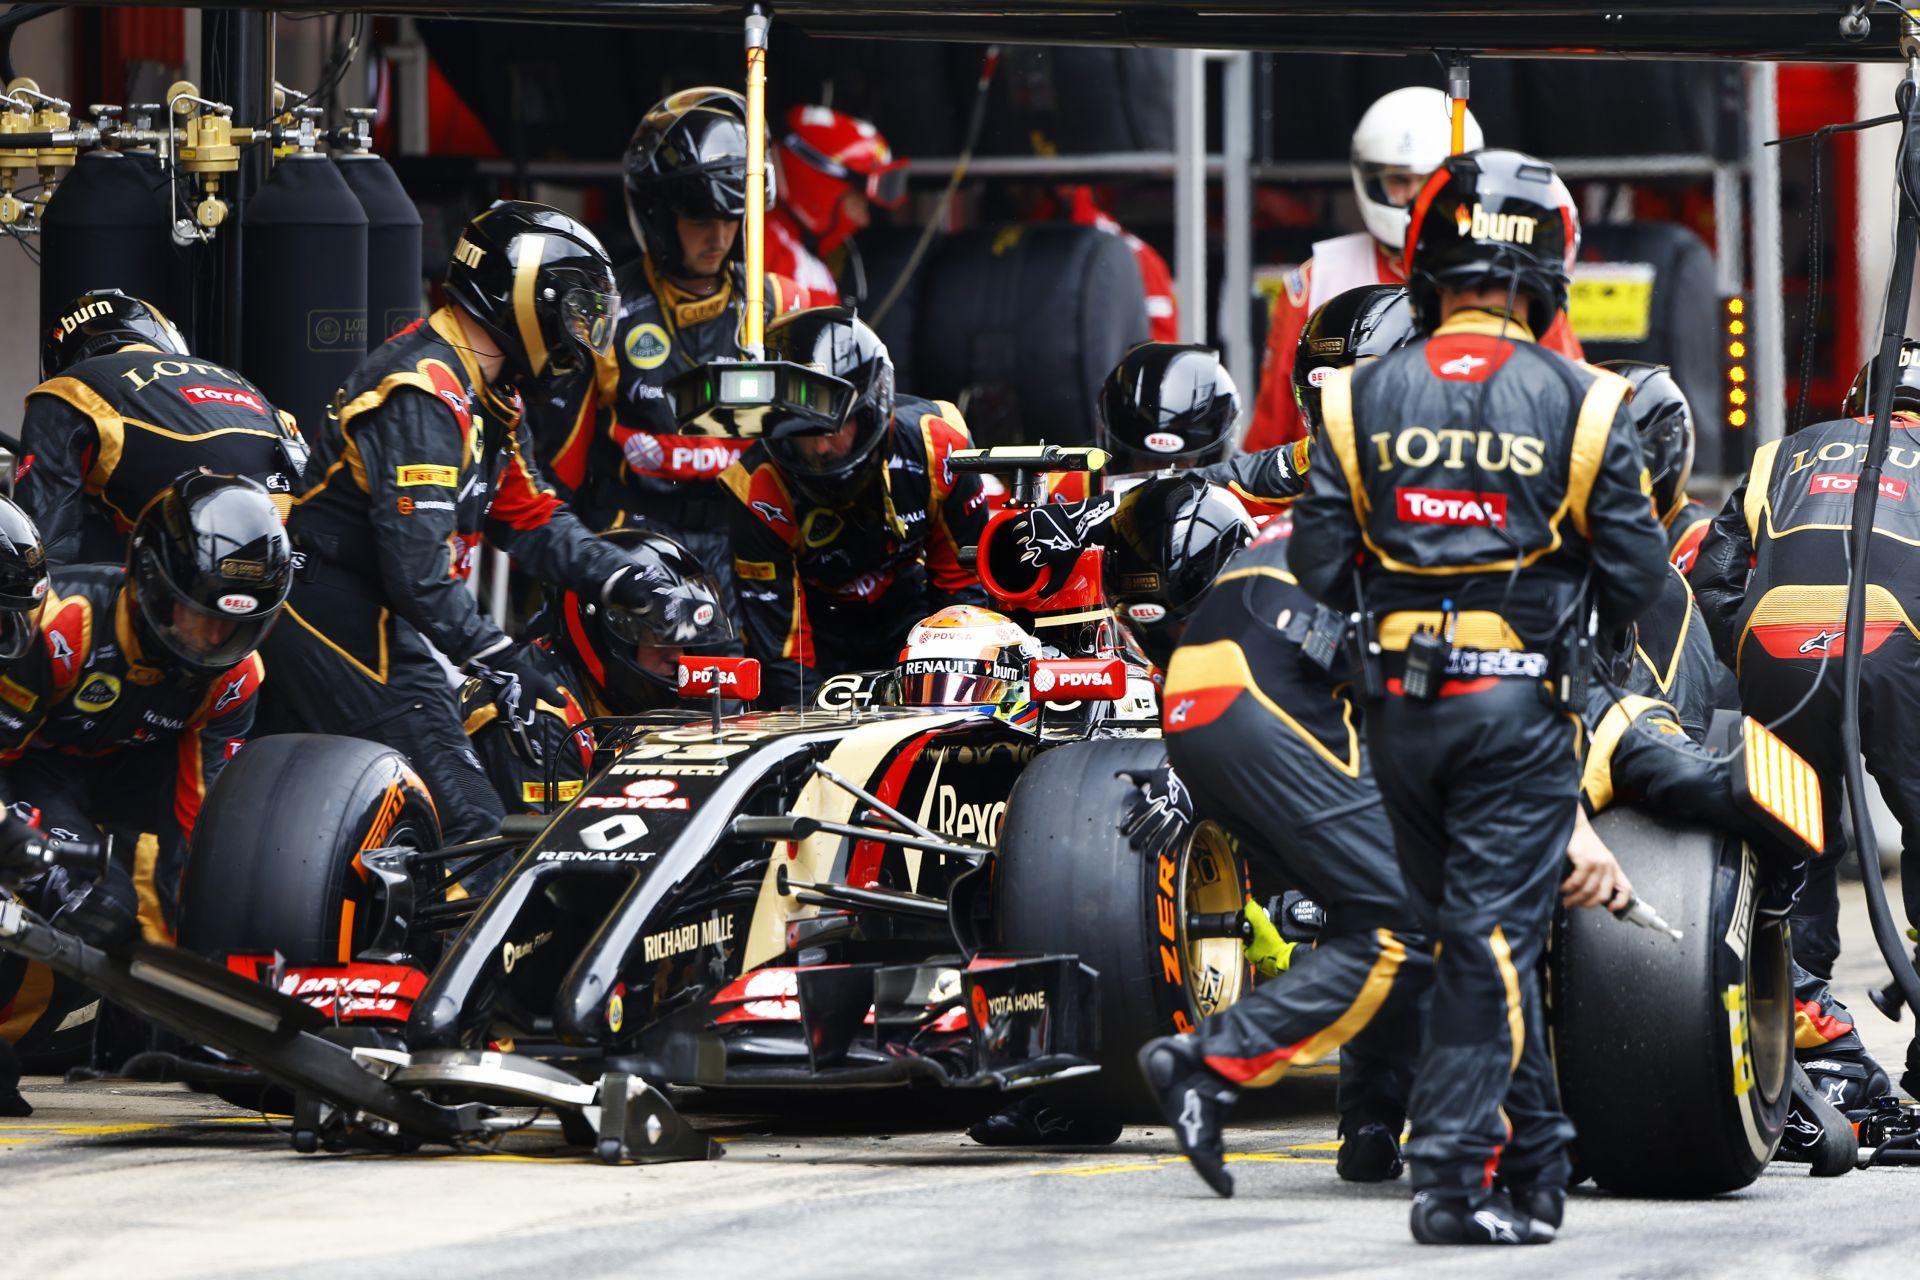 Egyre erősebb a Lotus: Maldonado és Grosjean is ott lehet a legjobb helyek közelében Monacóban